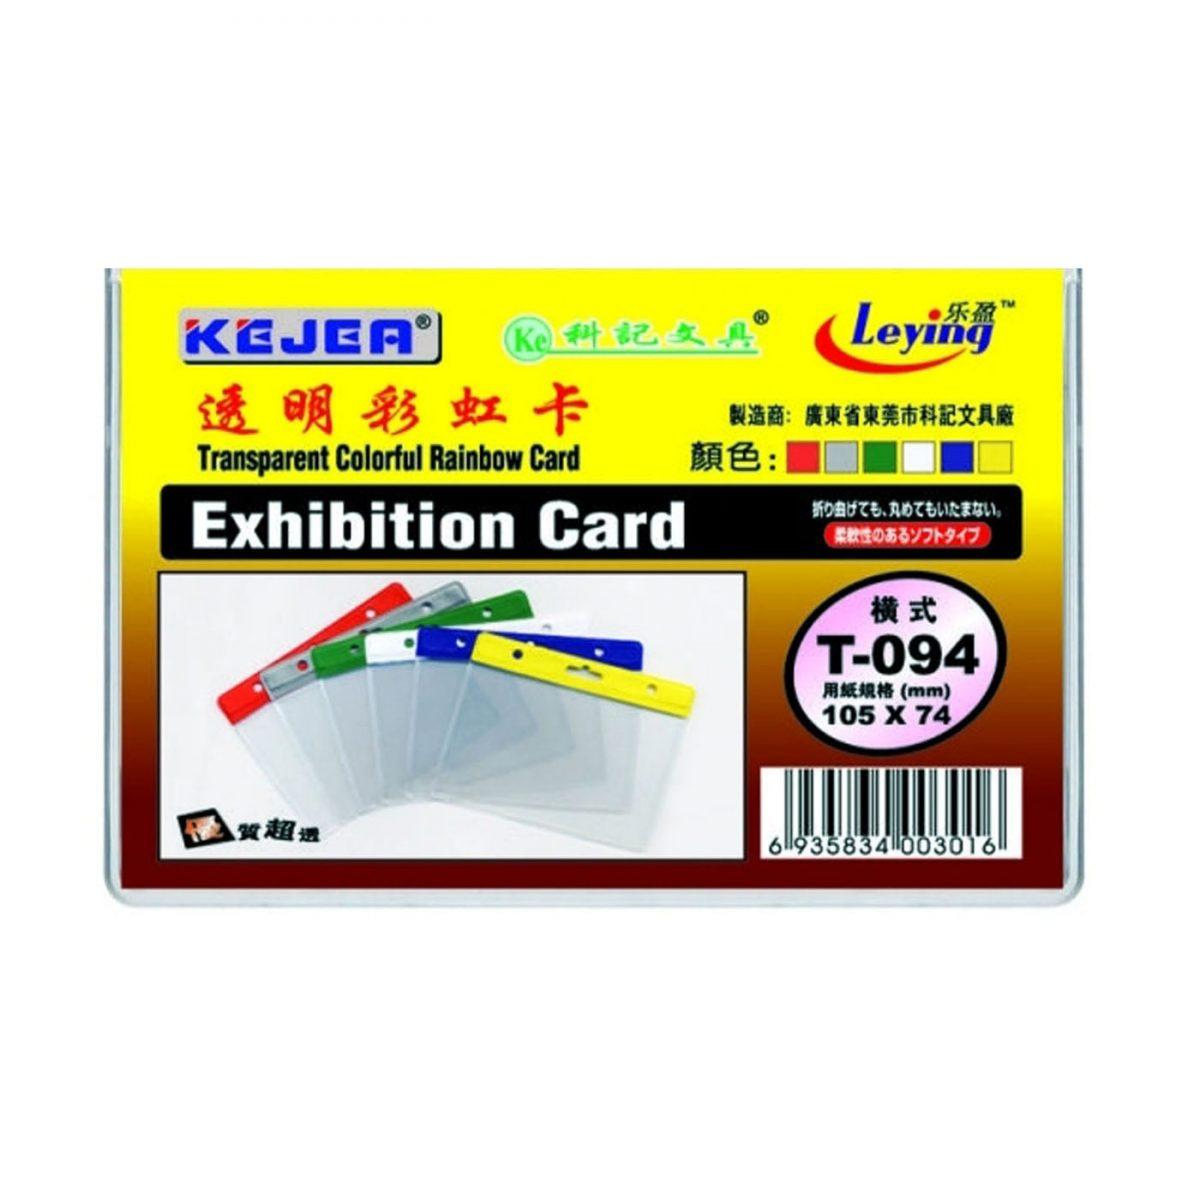 Buzunar PVC pentru ID carduri, 105 x 74mm, orizontal, 10 buc/set, KEJEA - margine color